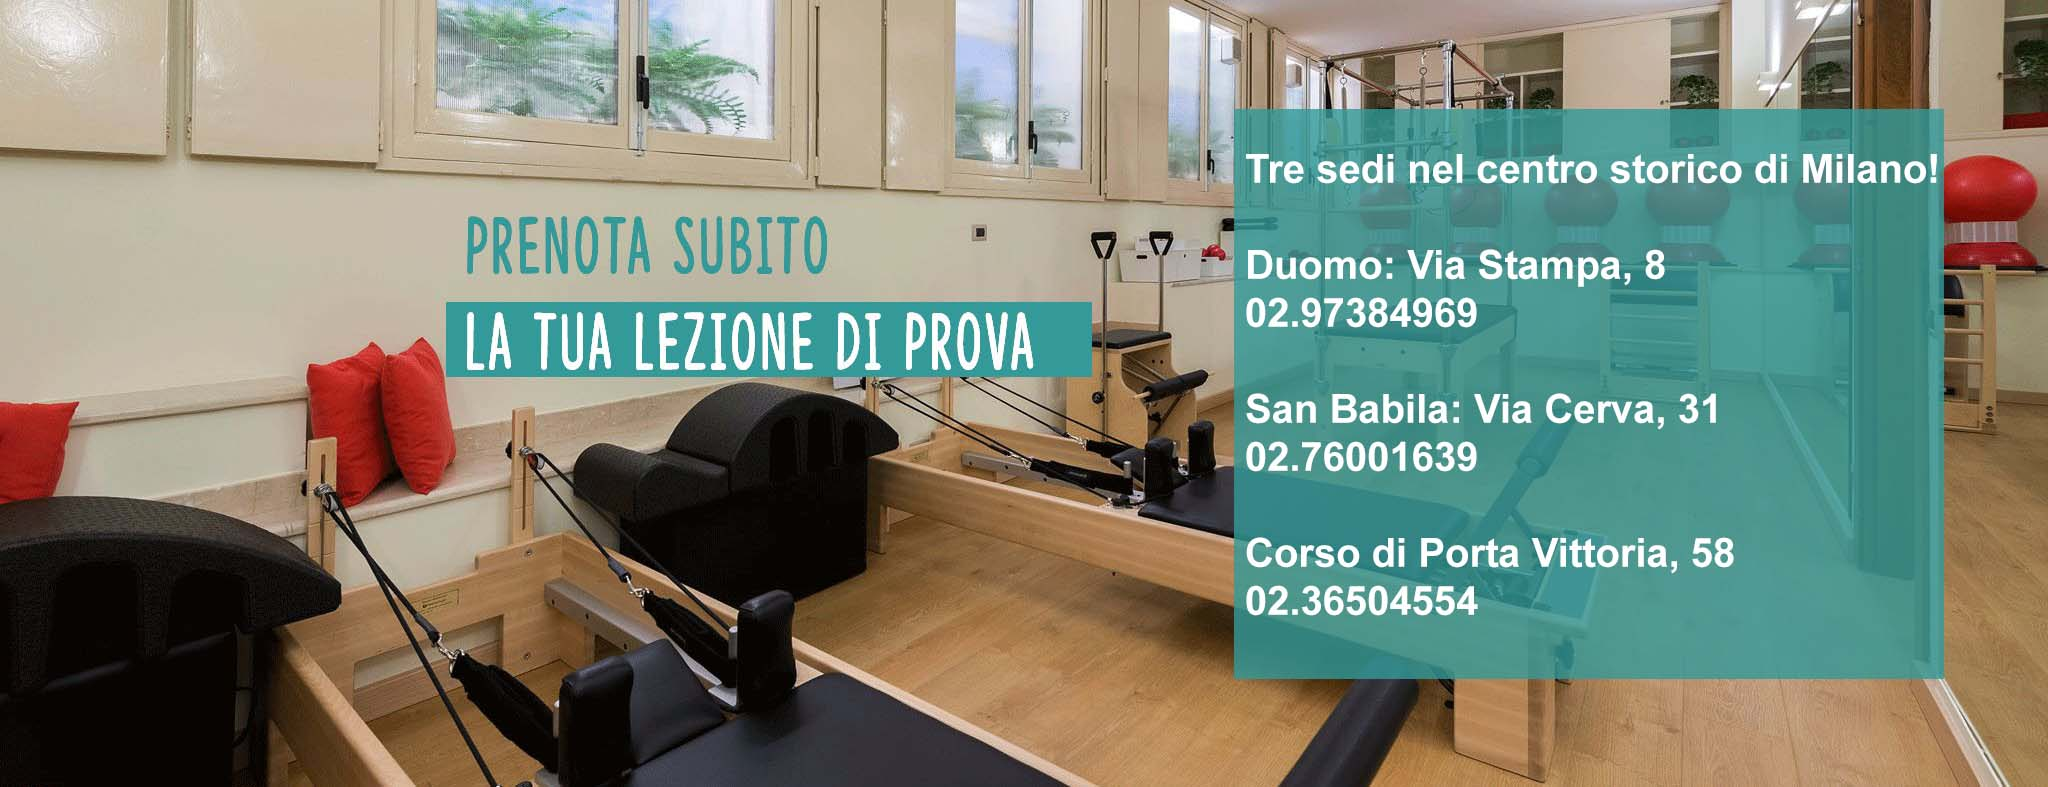 Corsi Di Pilates Giambellino Milano - Prenota subito la tua lezione di prova